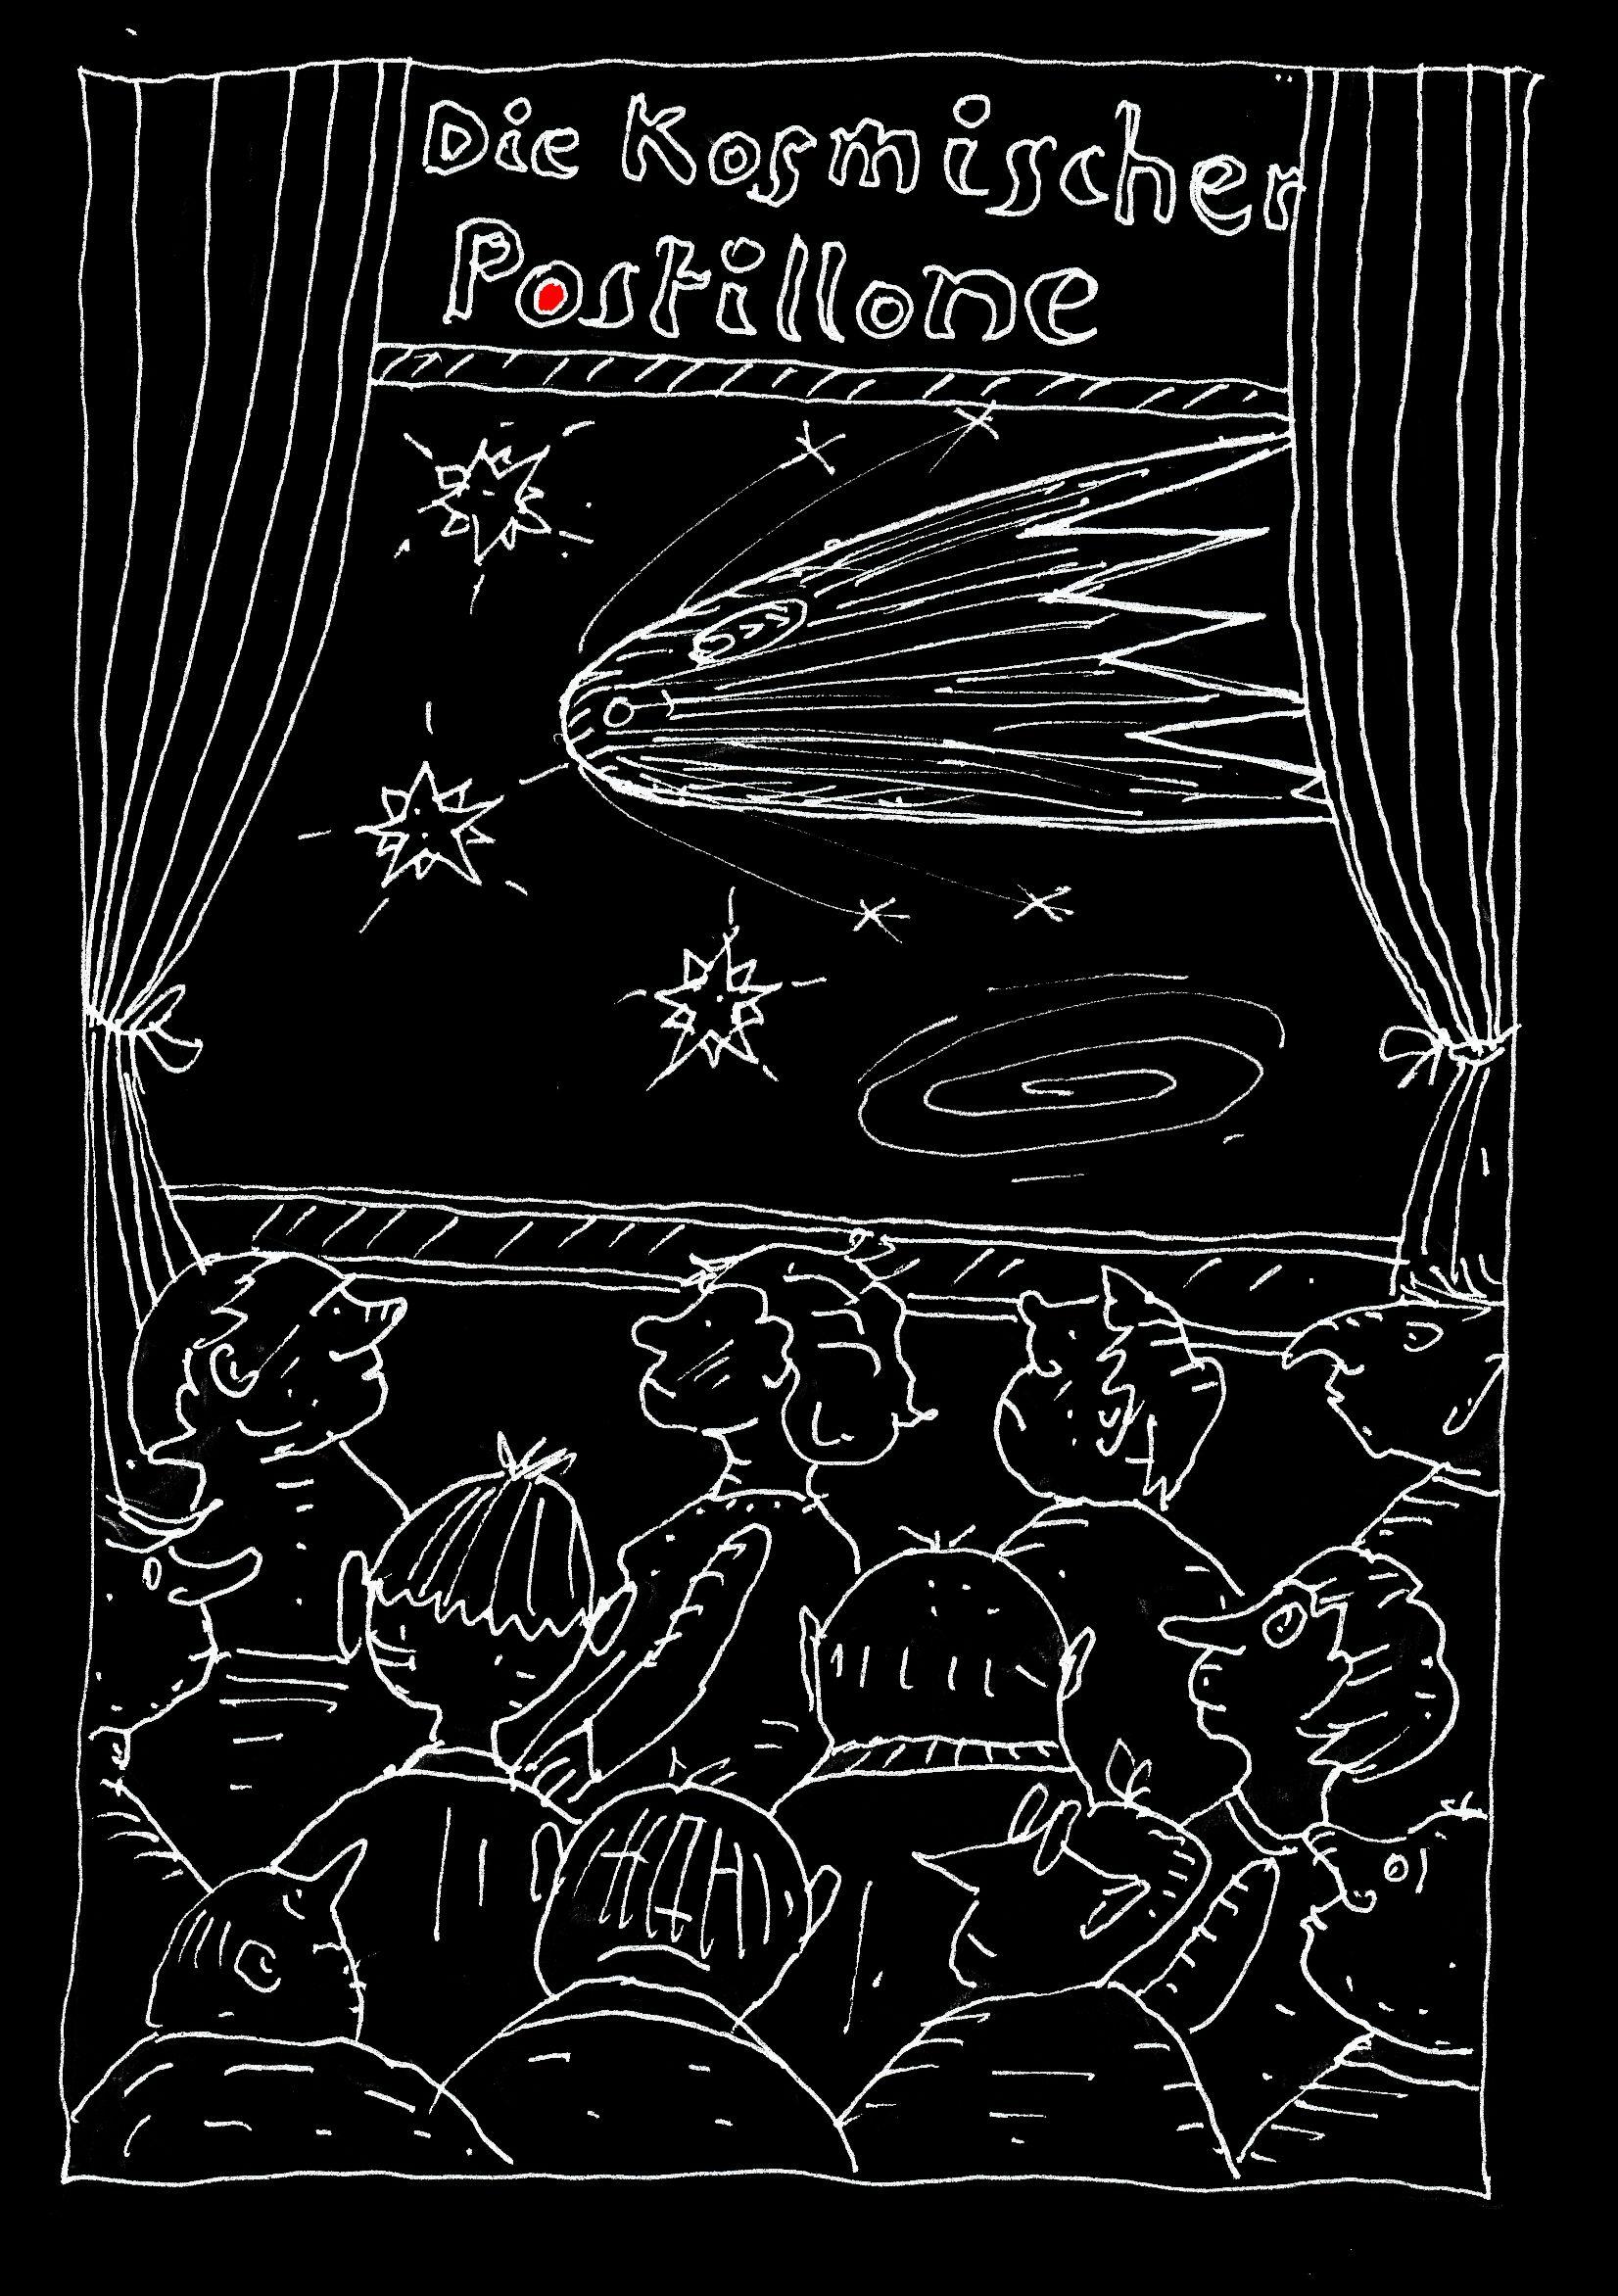 X Sch3 Die kosmischen Posti